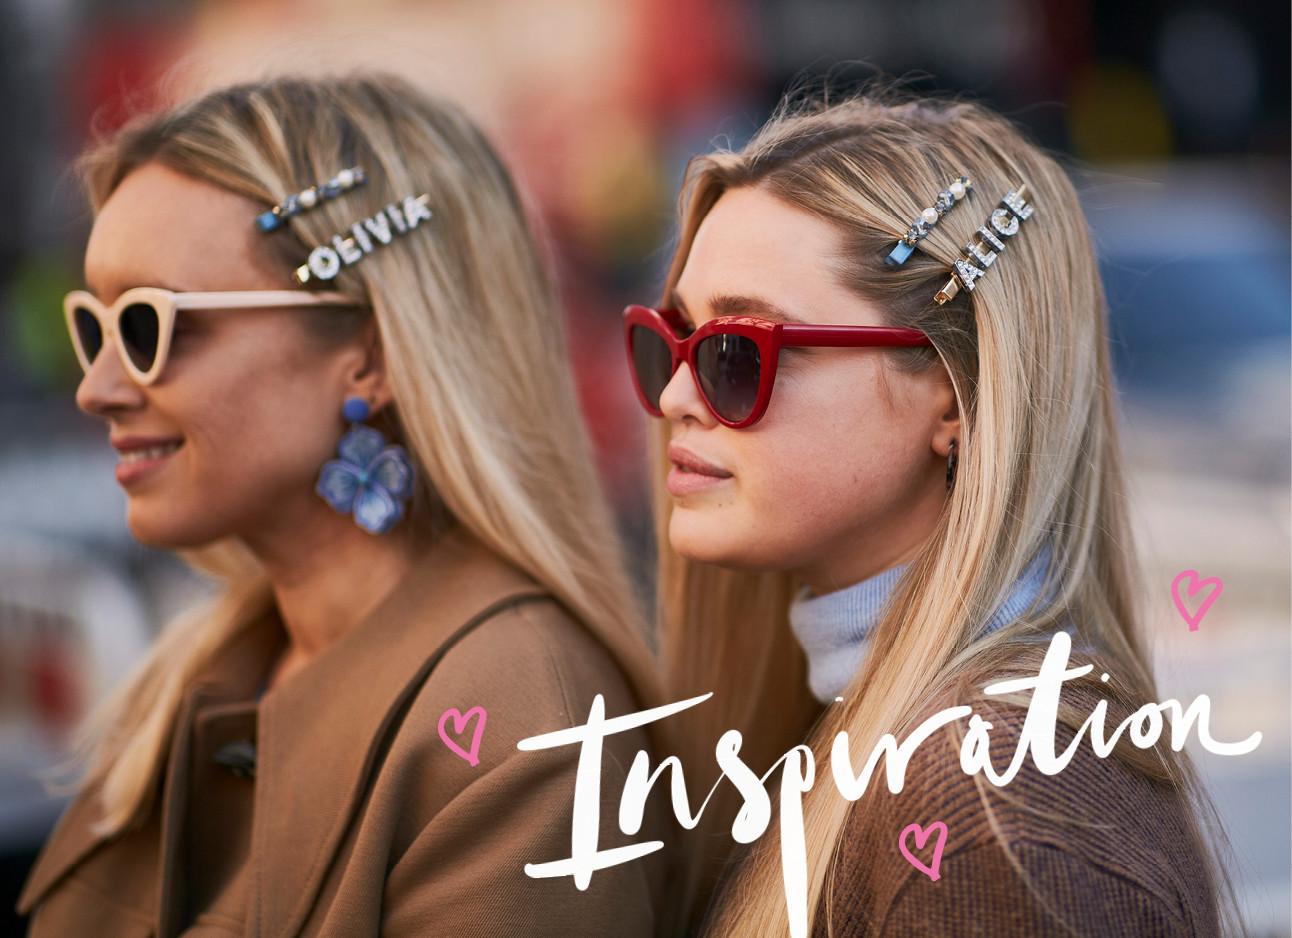 twee vrouwen met zonnebrillen en hair clips inspiration trend